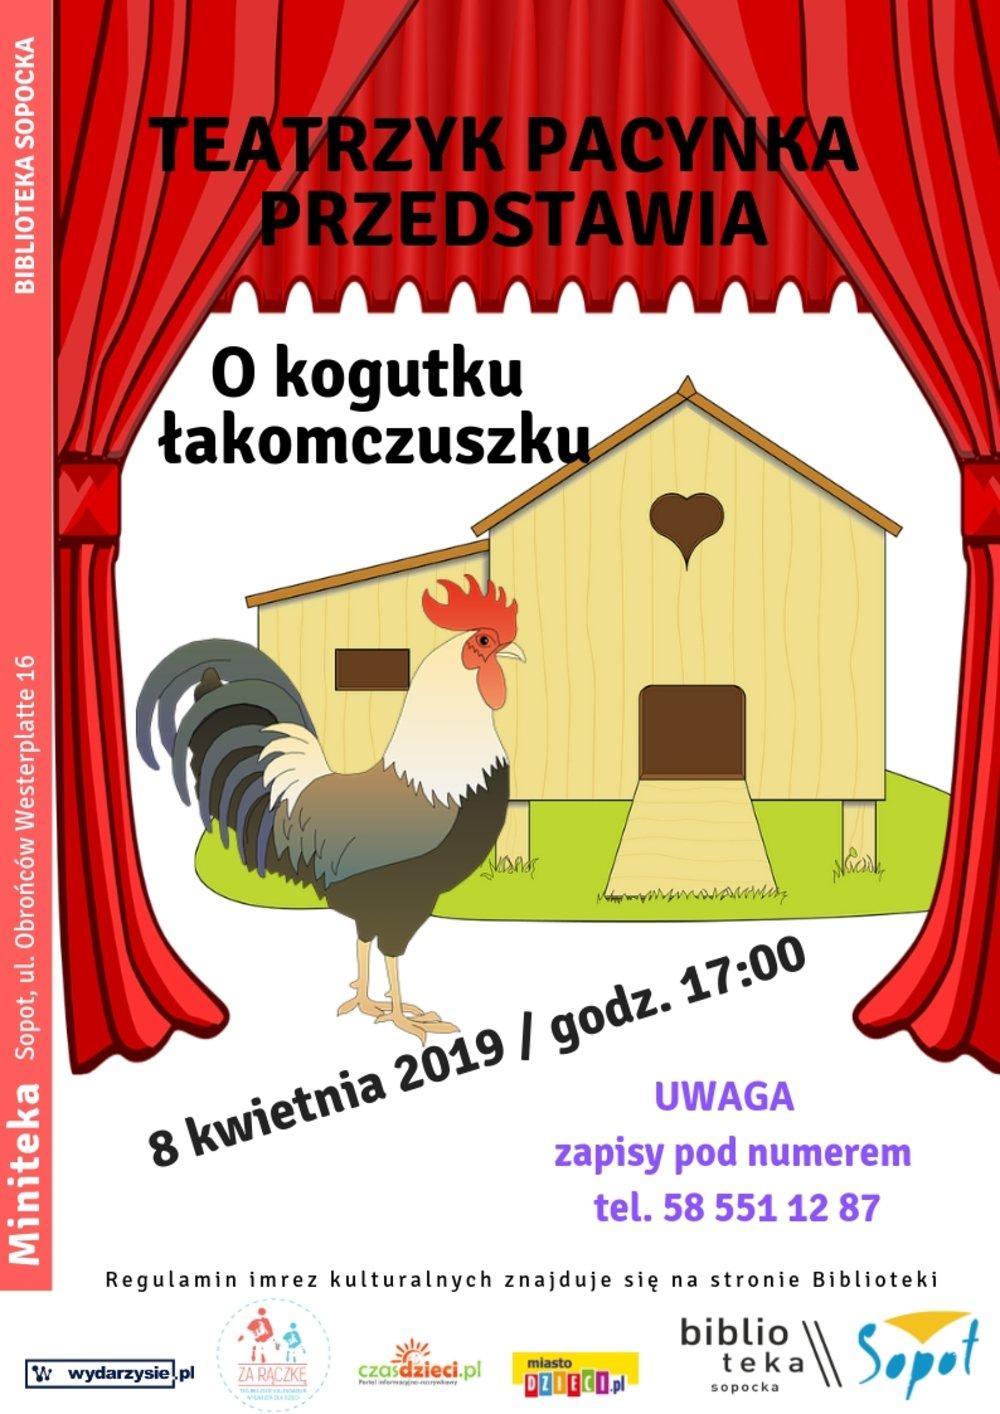 Teatrzyk Pacynka: O kogutku łakomczuszku